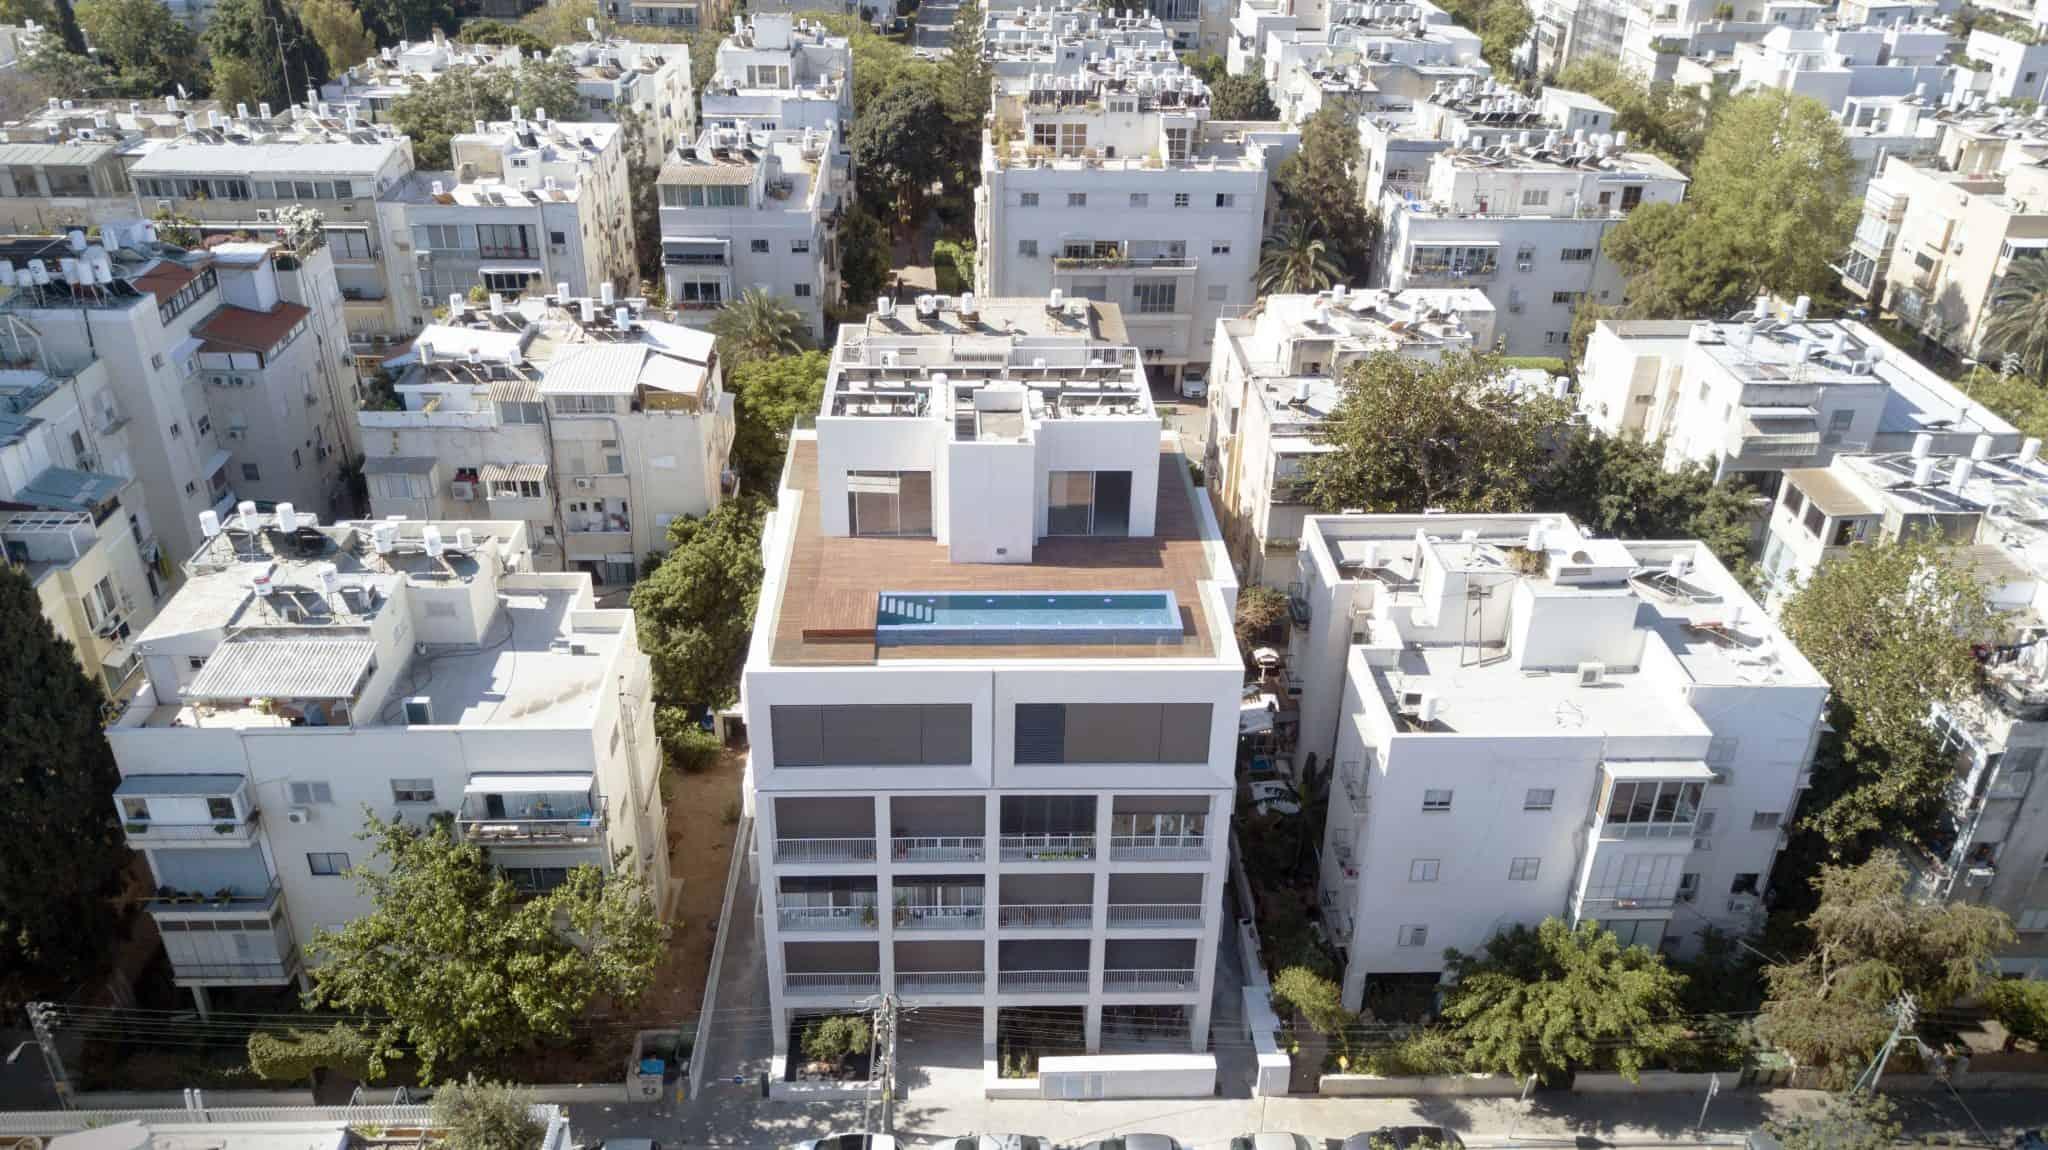 איבשיץ 6 תל אביב אקו סיטי תמא 38